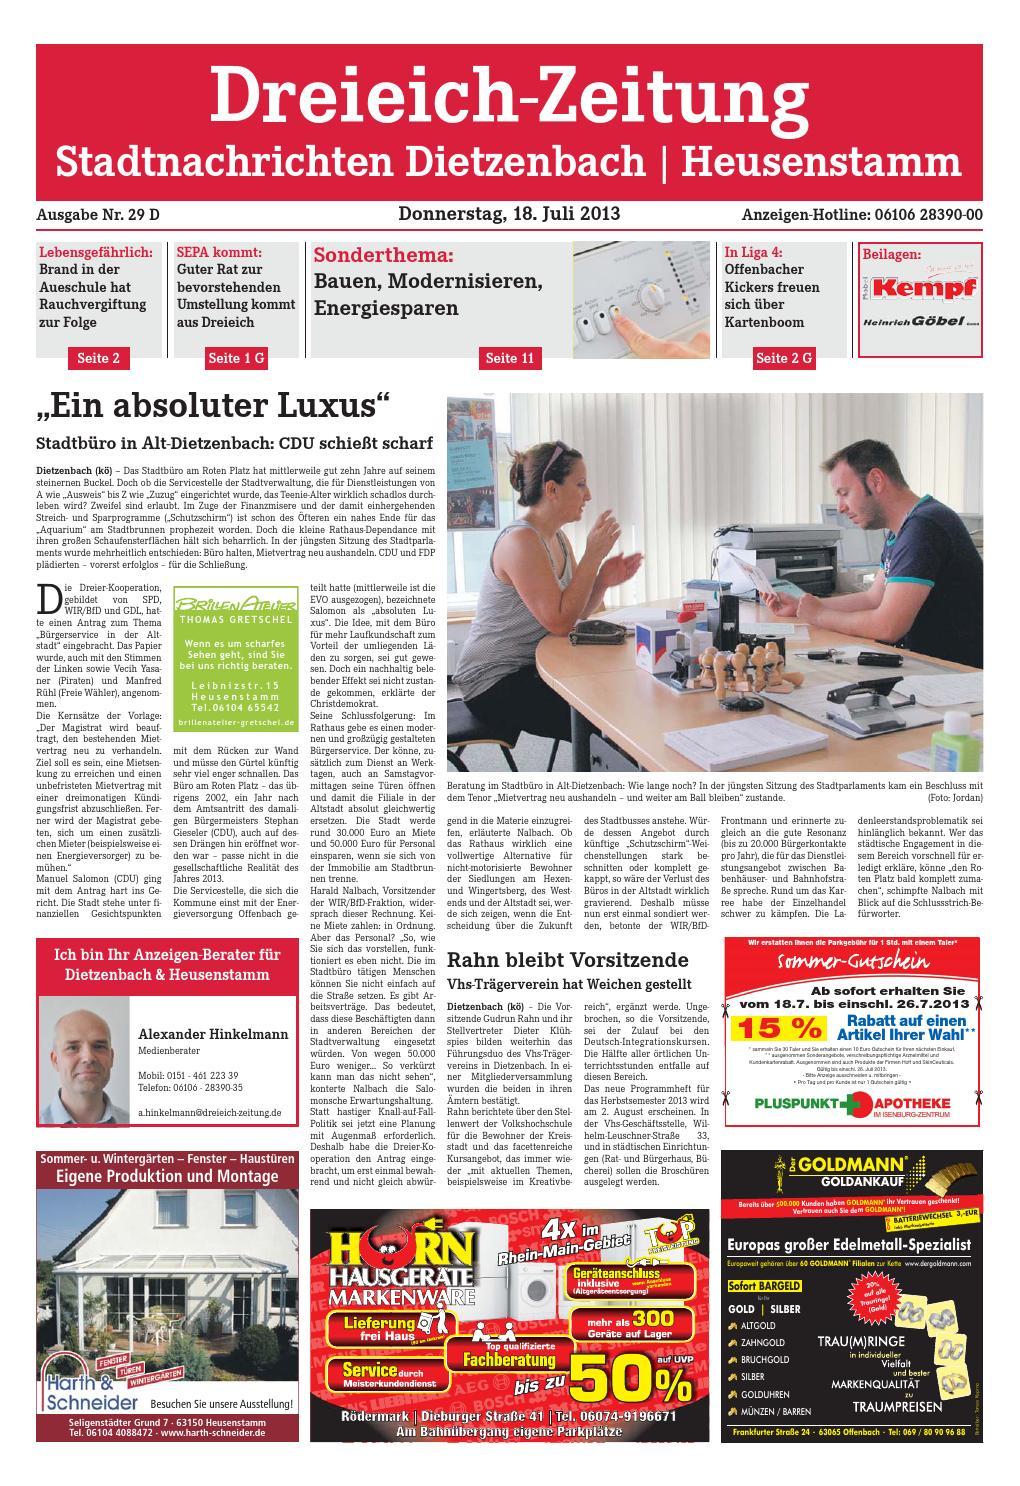 Dz Online 029 13 D By Dreieich Zeitung Offenbach Journal Issuu